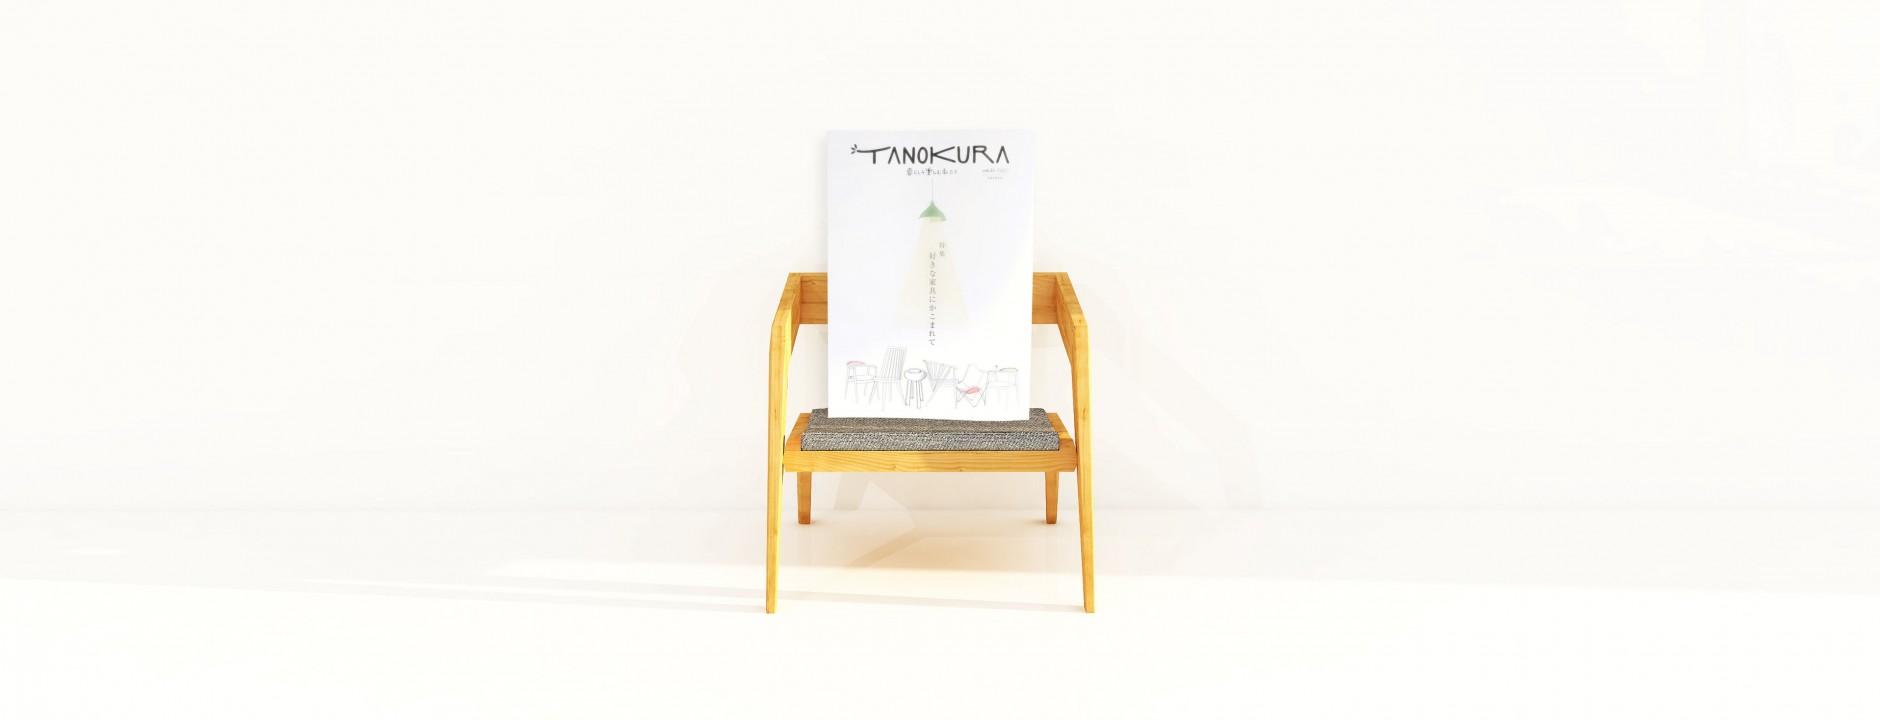 最新号 | TANOKURA Vol.23「好きな家具にかこまれて」